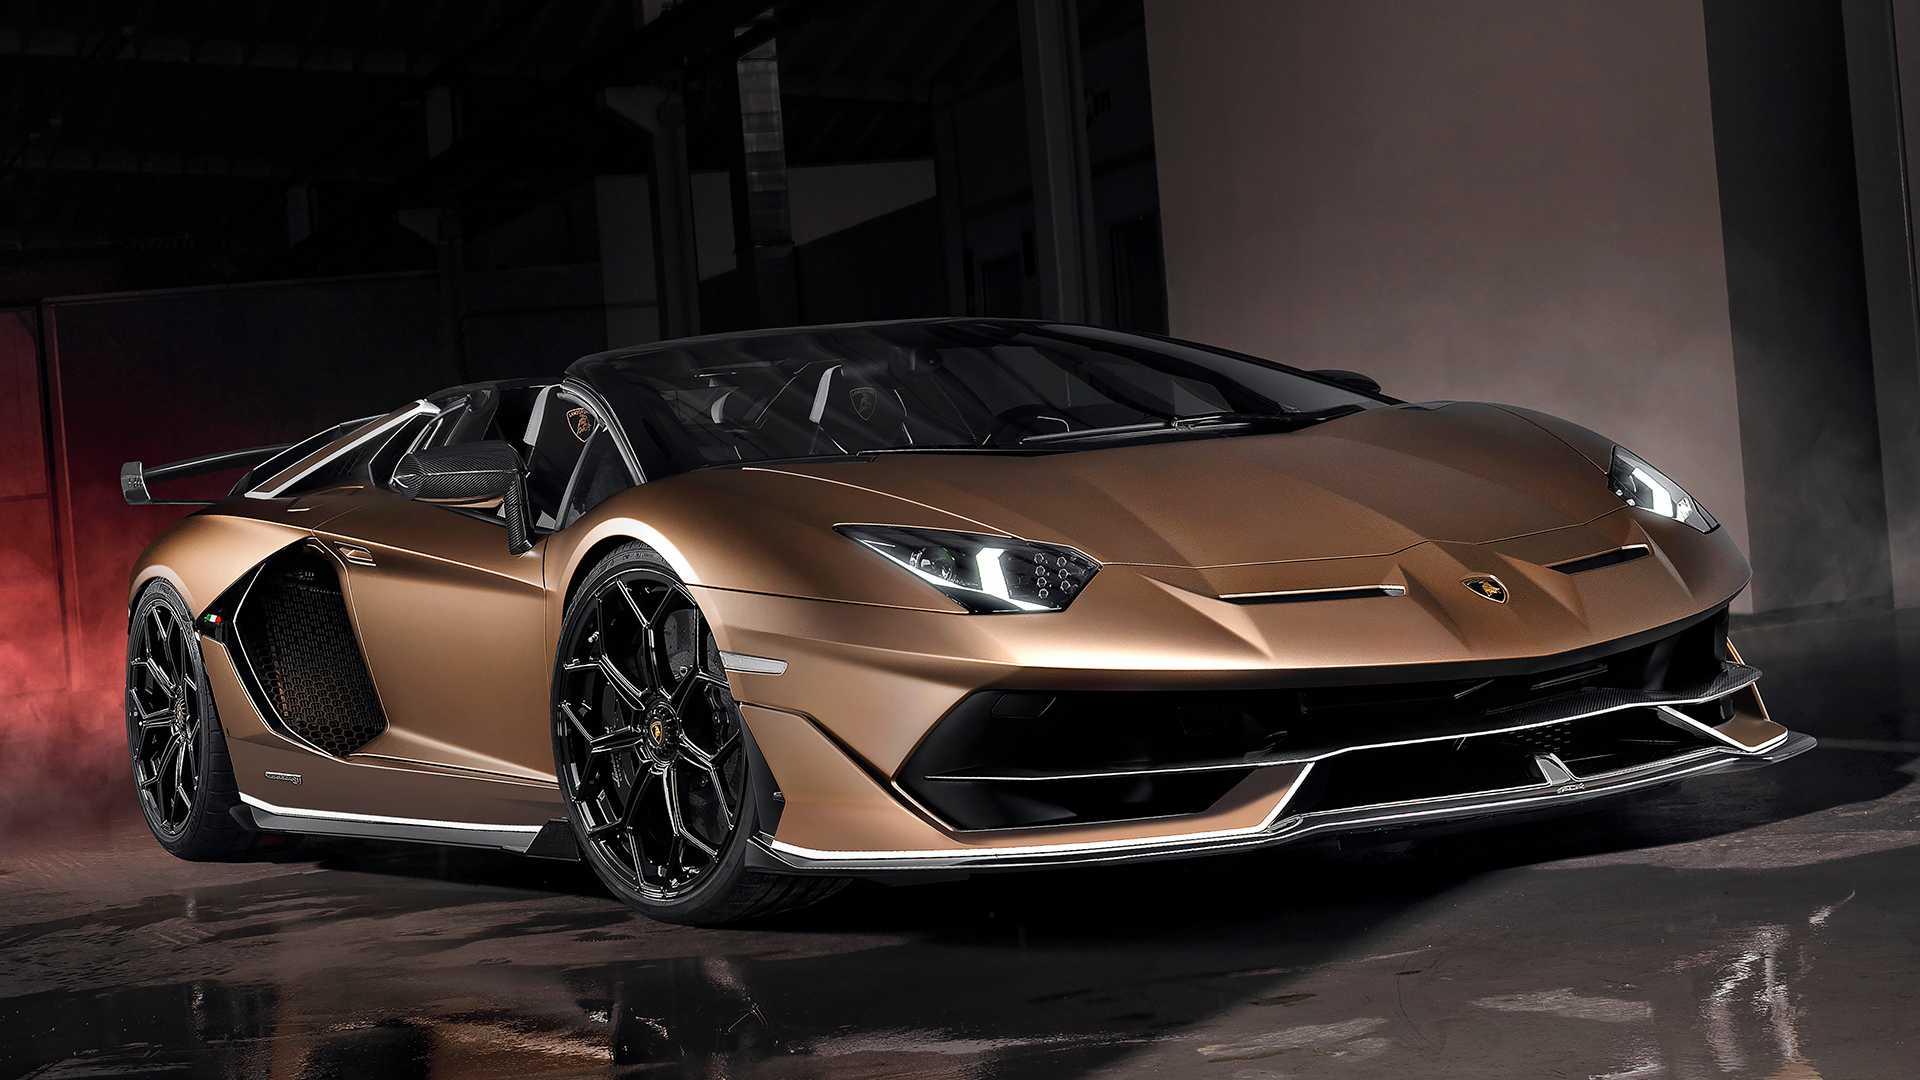 兰博基尼Aventador超跑总售出一万台,达到历史里程碑